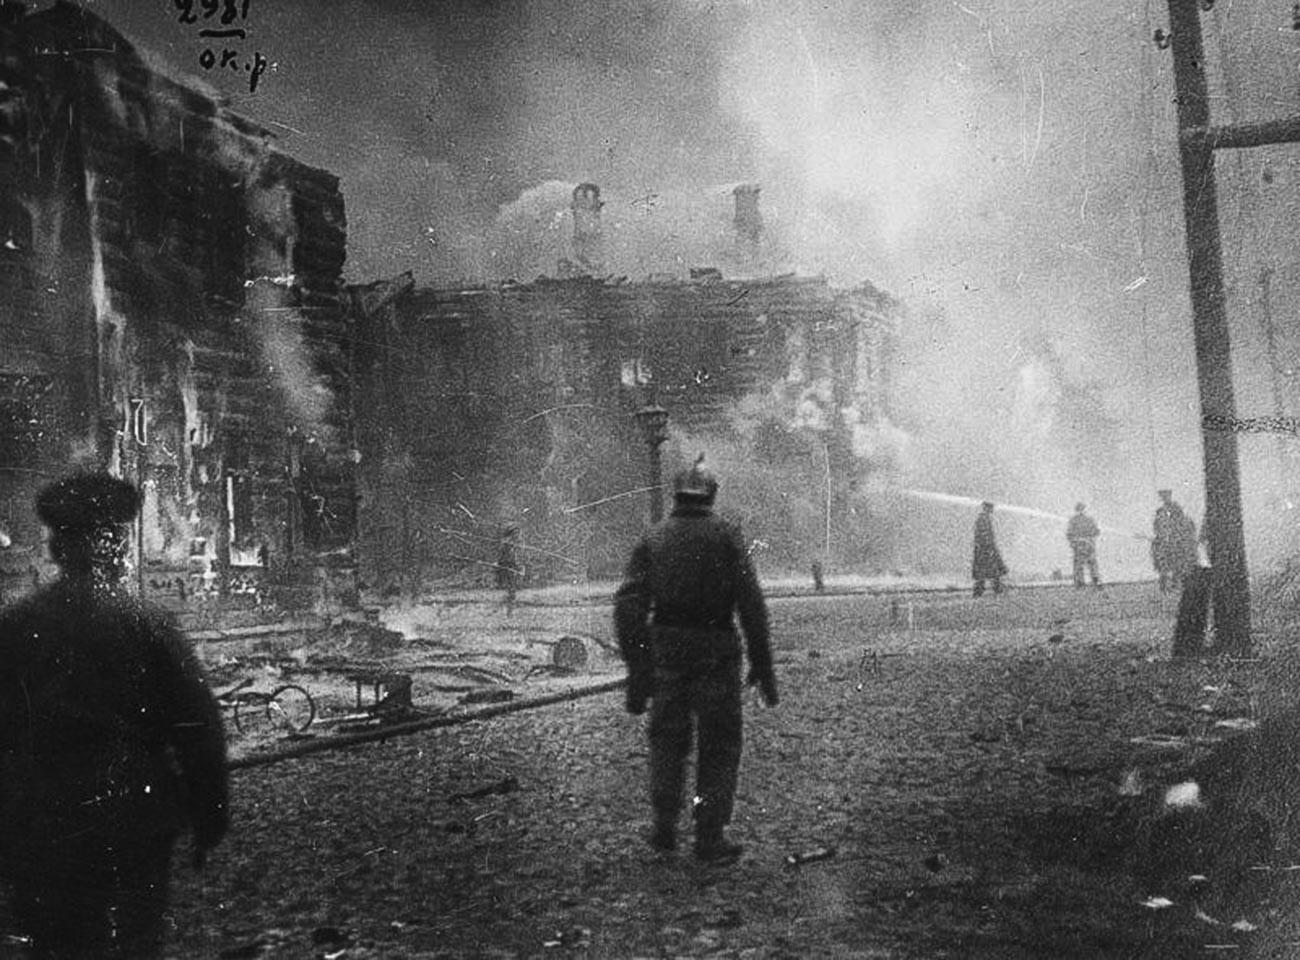 10月社会主義革命中、モスクワで発生した火事